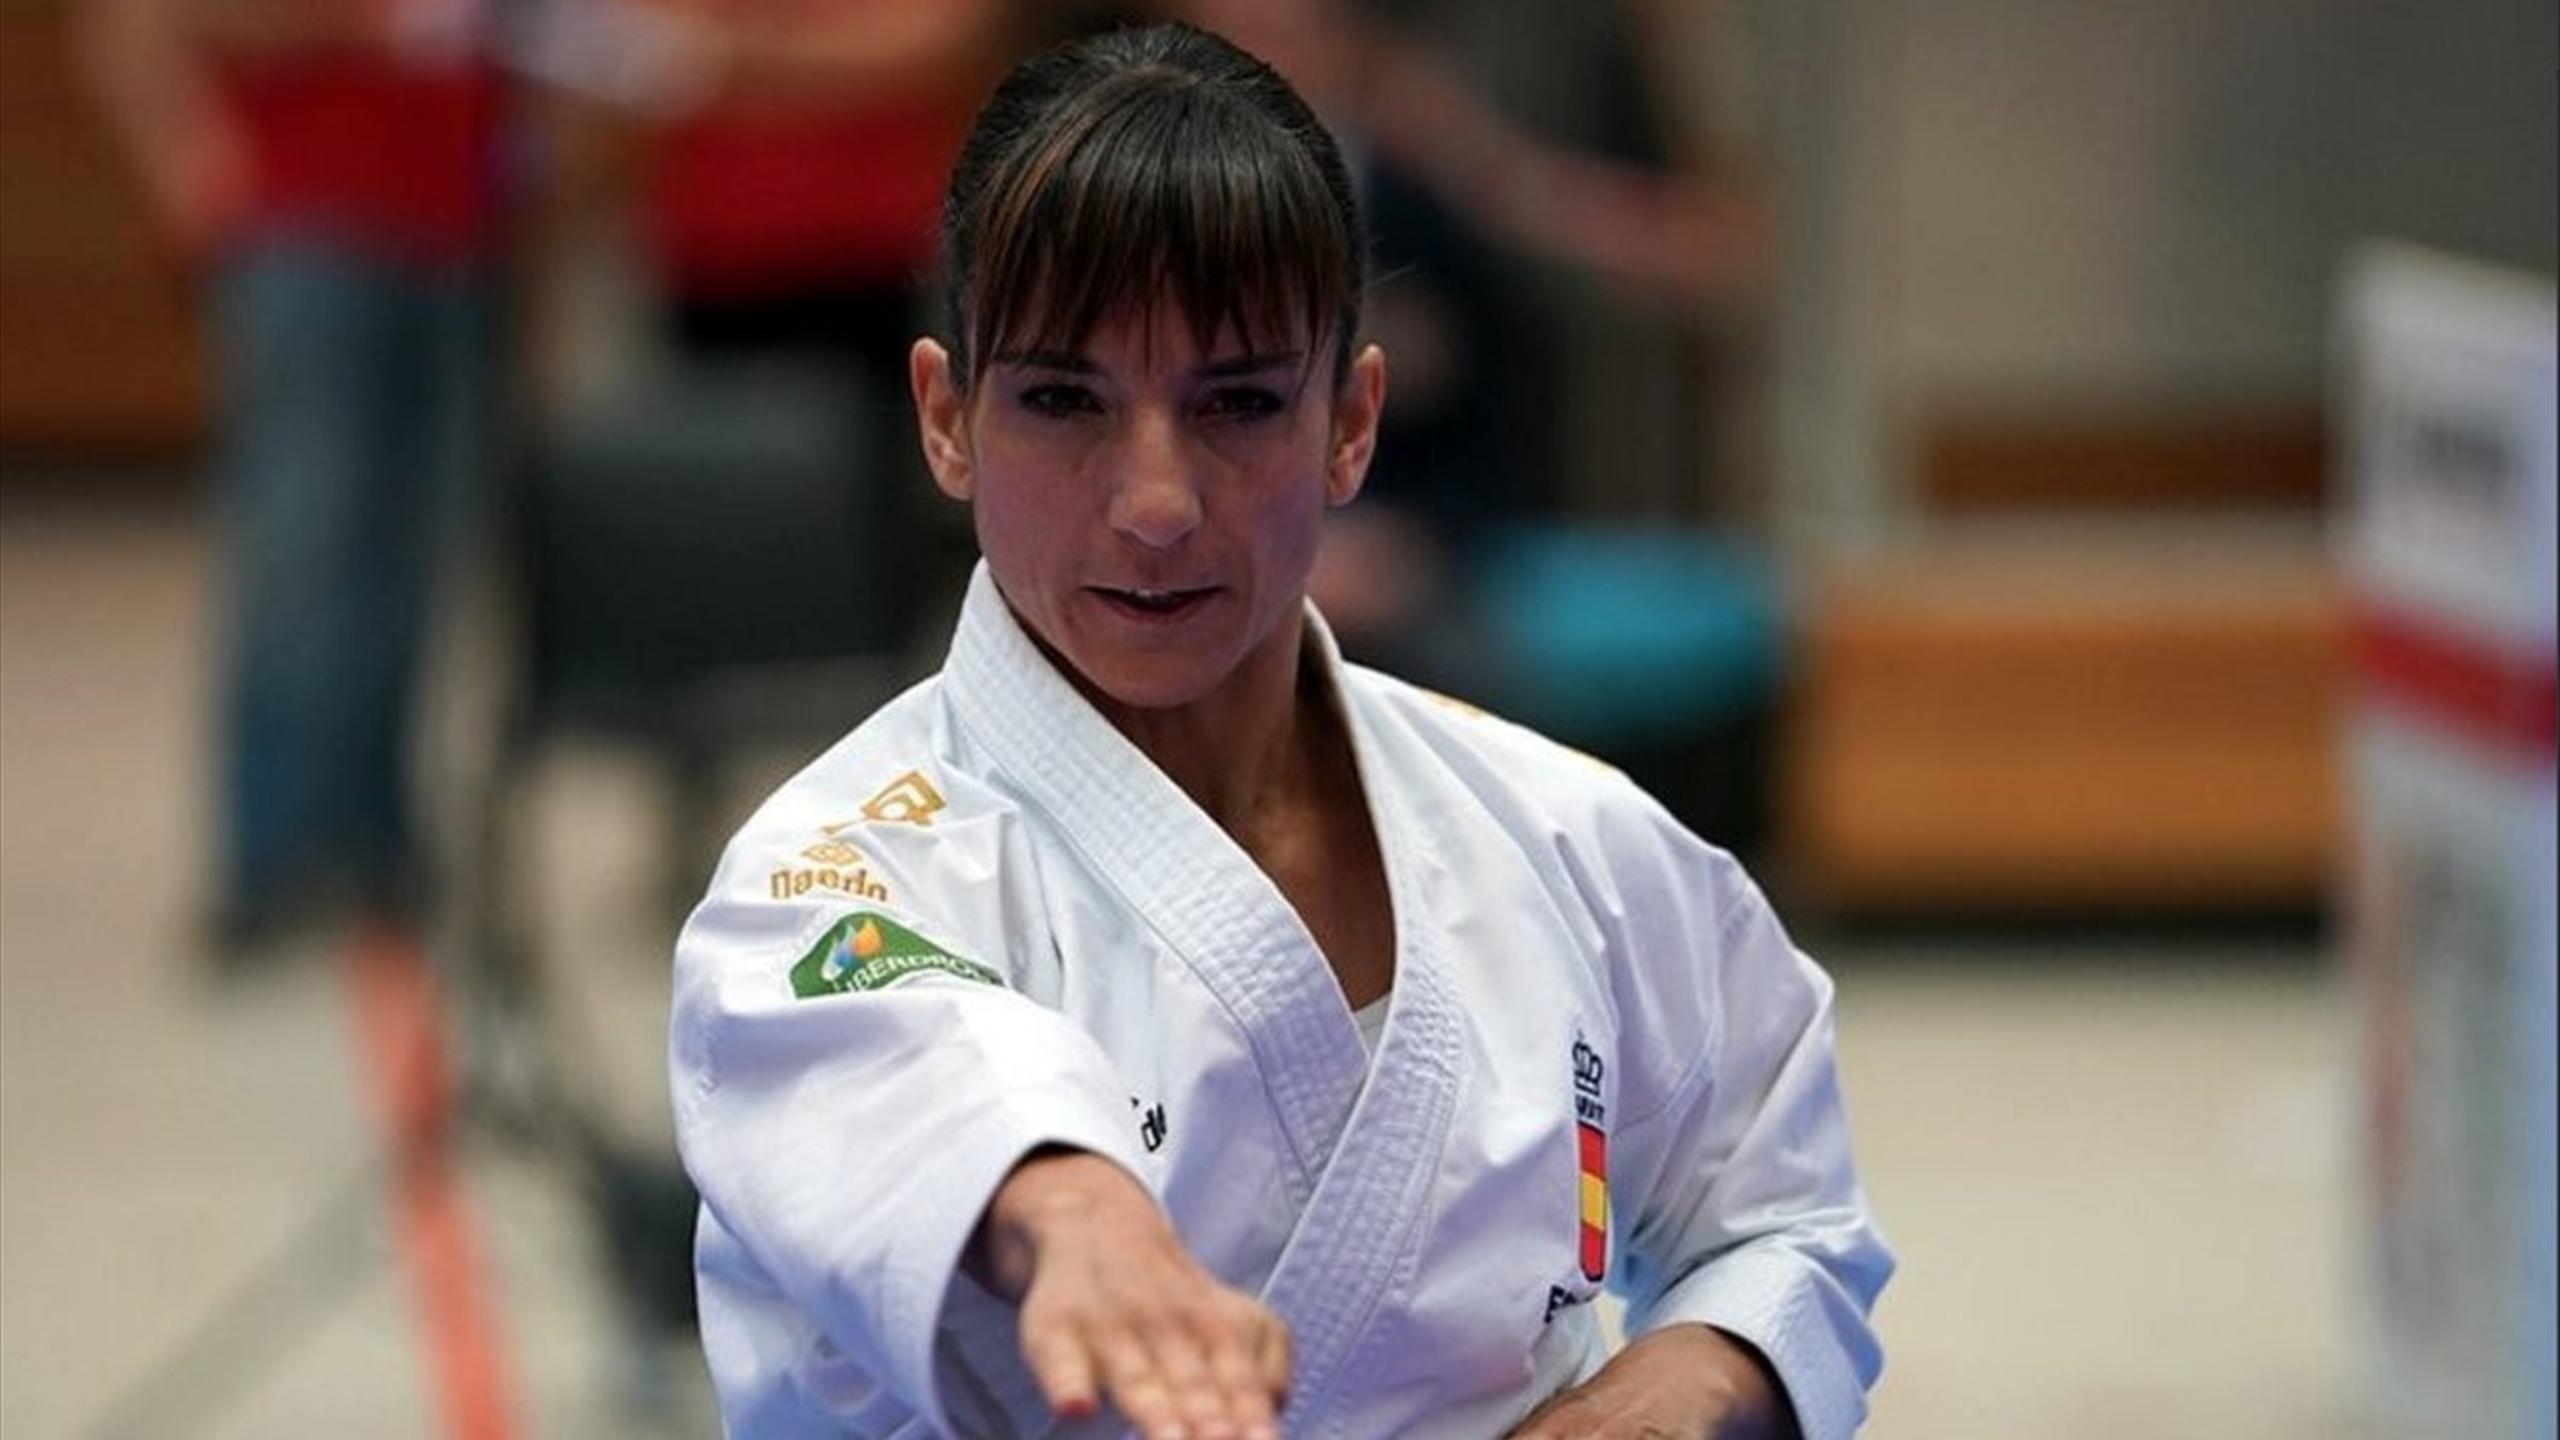 Juegos Olímpicos Tokio 2020 | Sandra Sánchez se convierte en heroína fuera  de un dojo - Eurosport